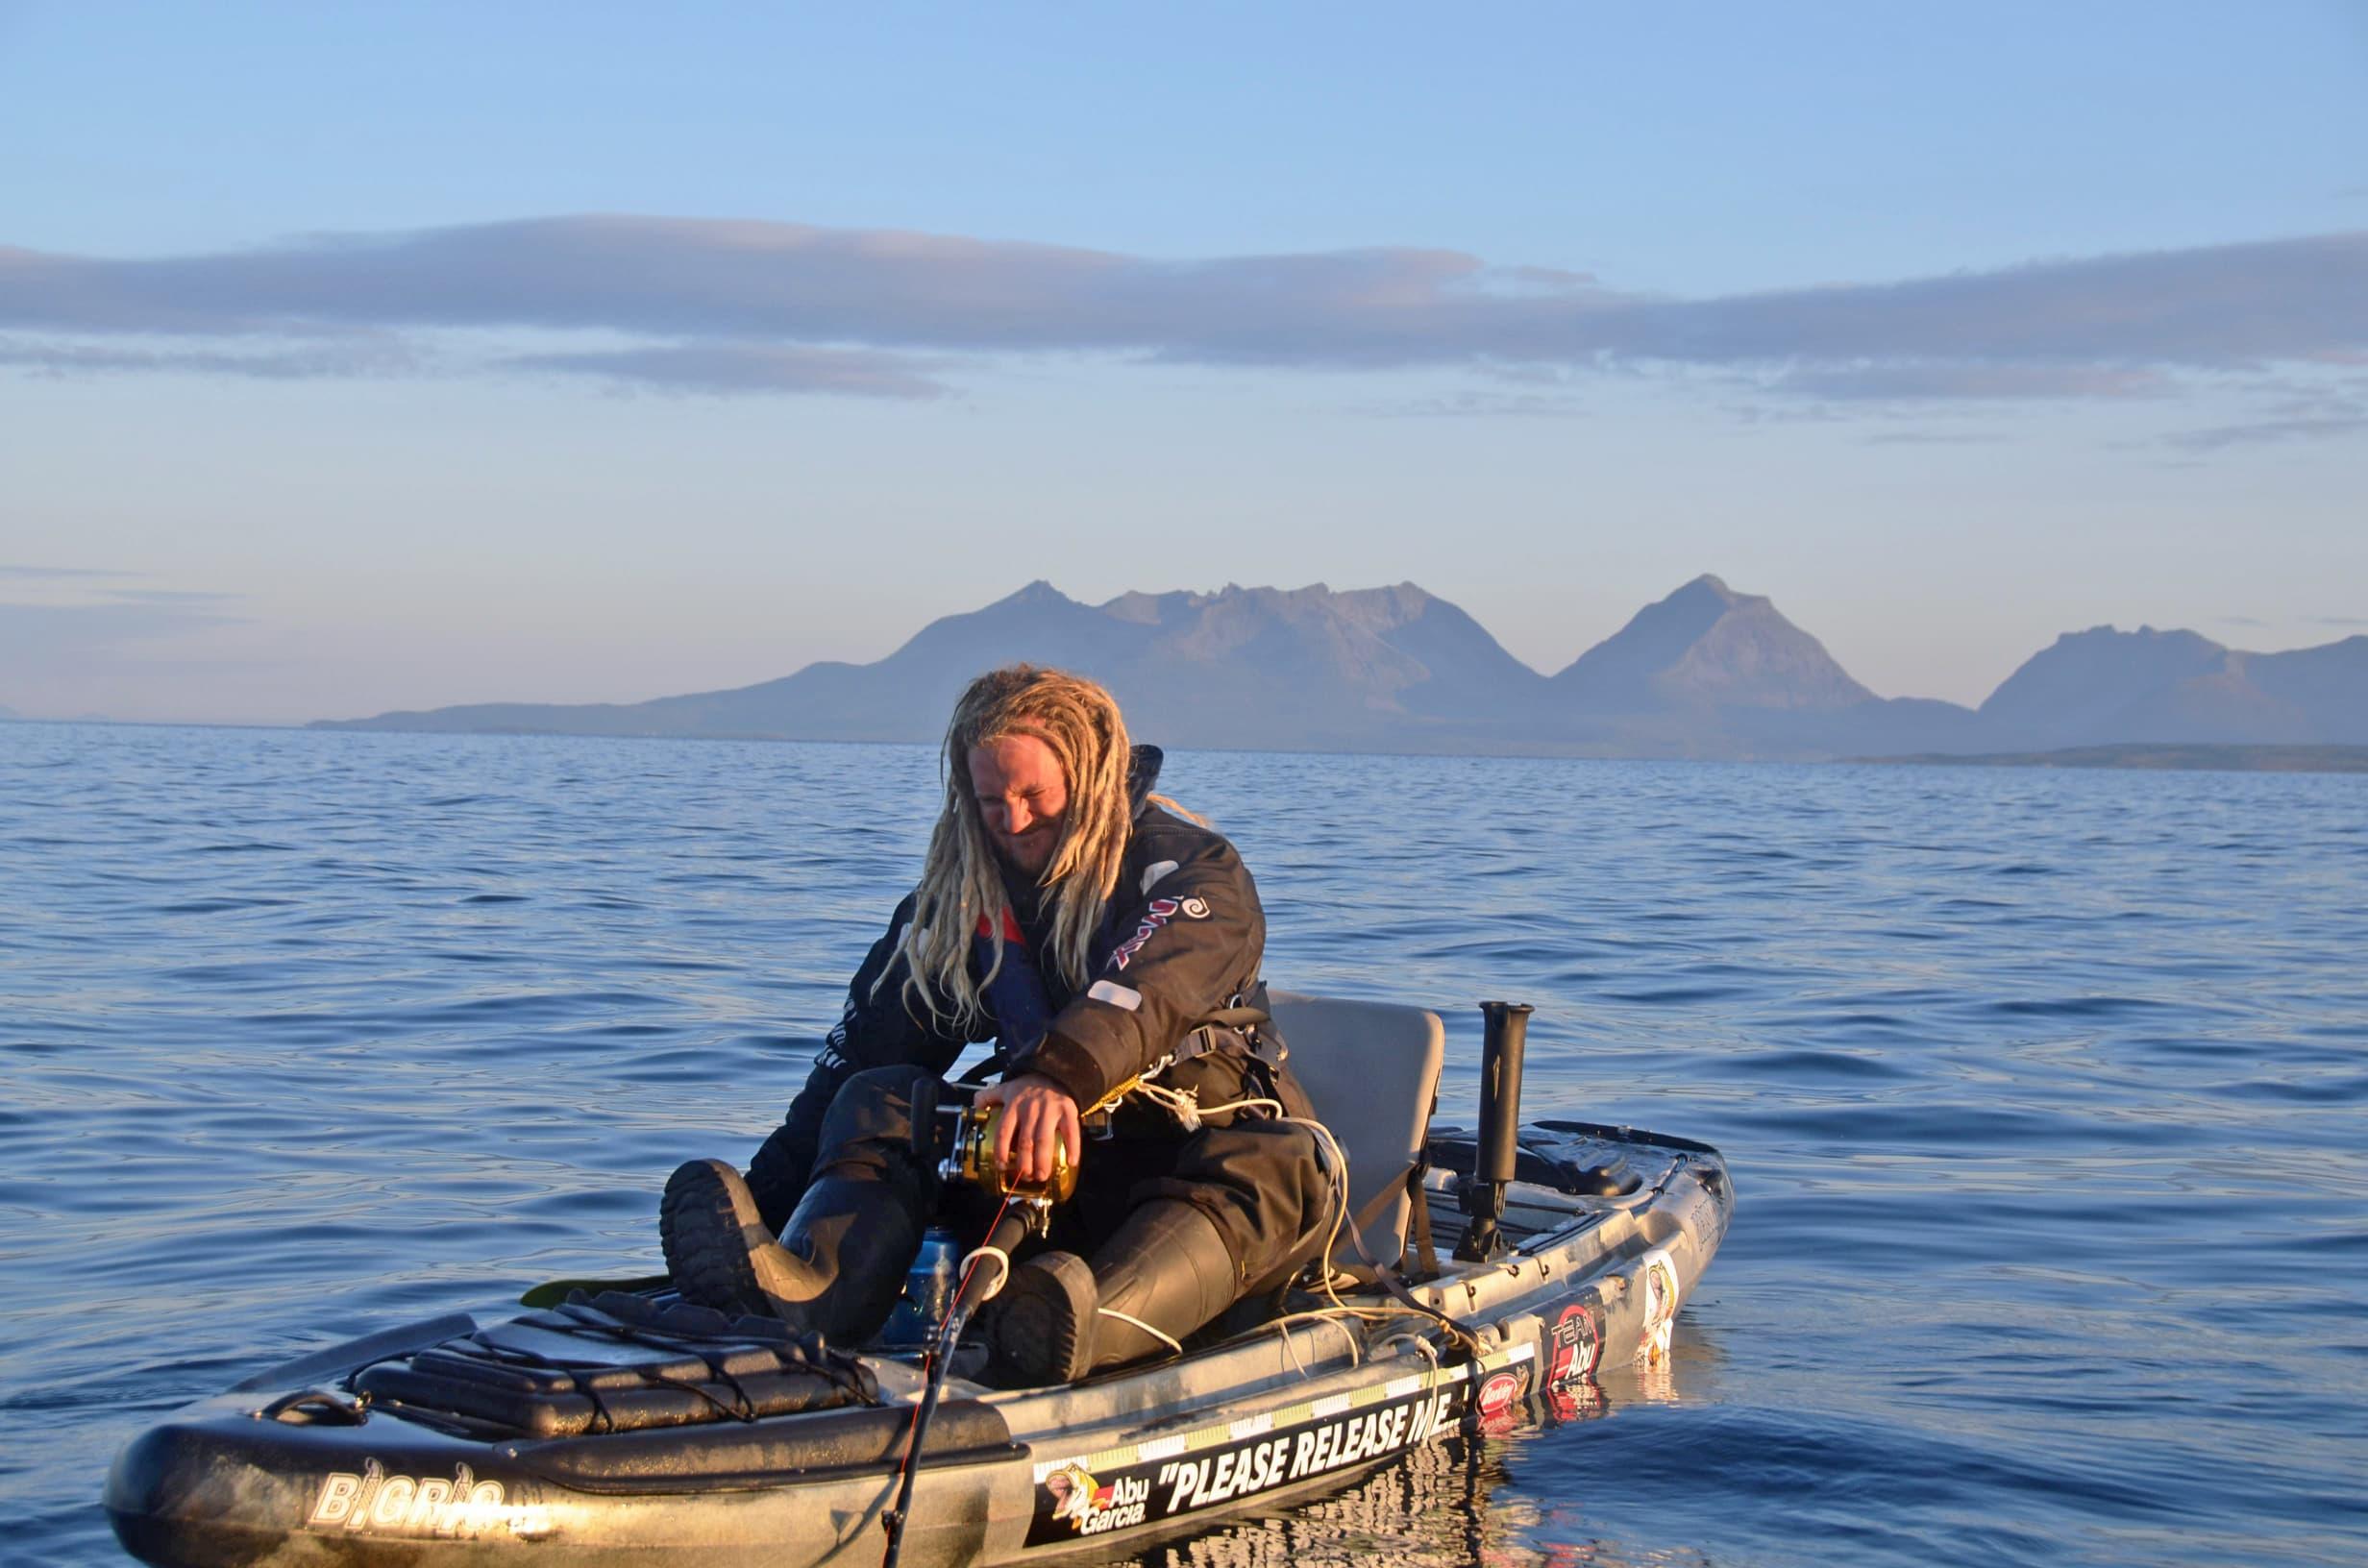 Ruotsalainen Joel Abrahamsson kalastaa suurkaloja hyvin varustellulla kajakilla.